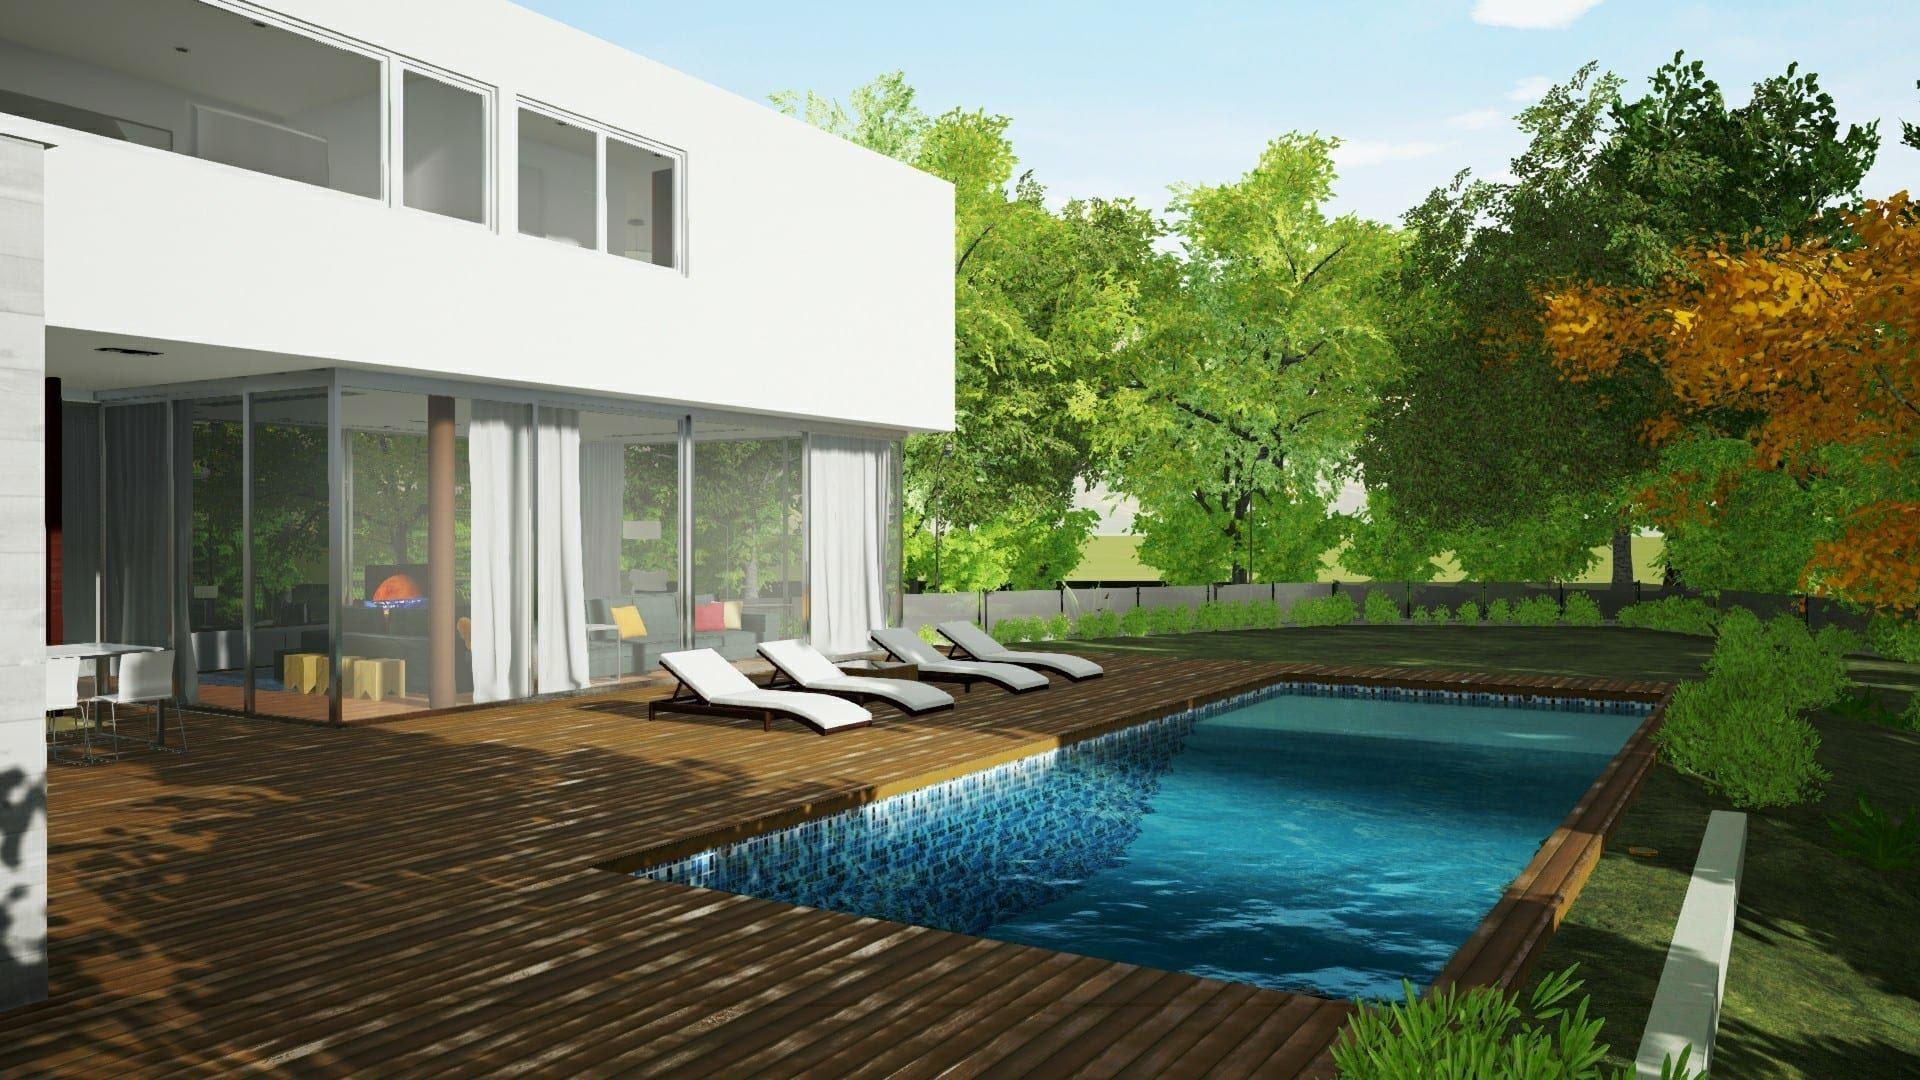 Progettare Il Giardino Software Gratis : Modellare una piscina a profondità variabile con un software bim